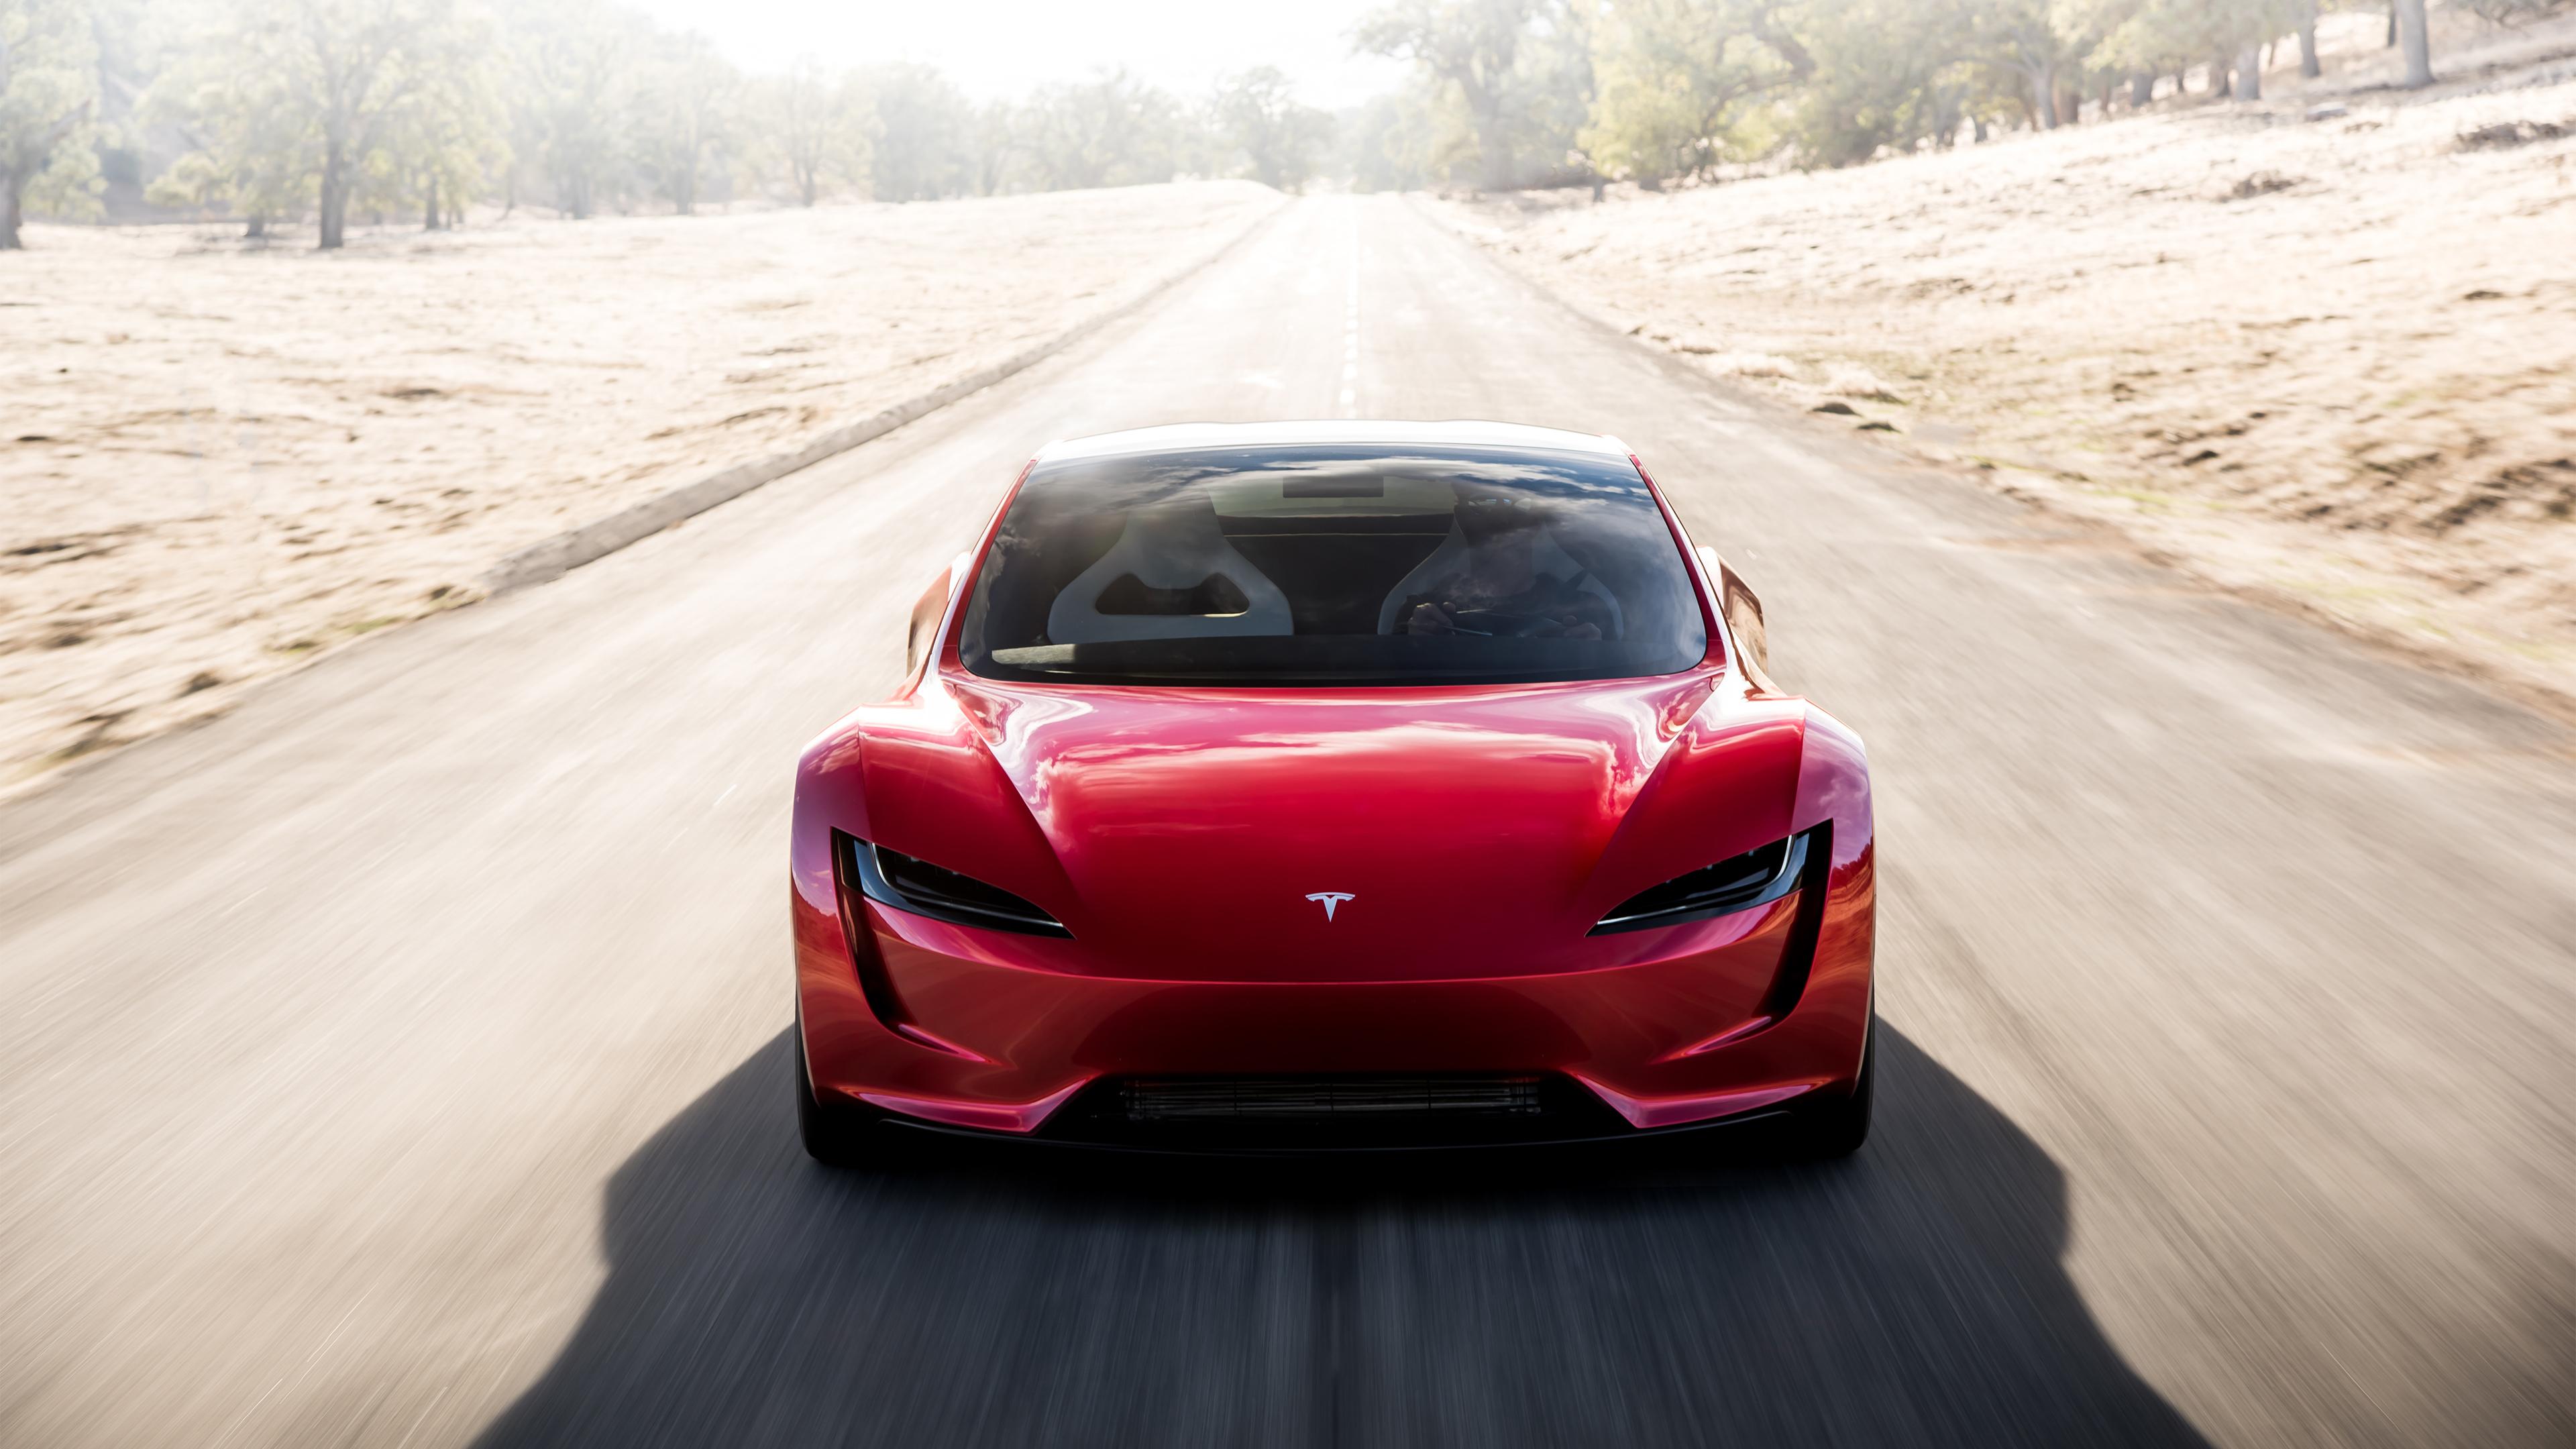 2020 Tesla Roadster 4K 4 Wallpaper HD Car Wallpapers ID 9105 3840x2160